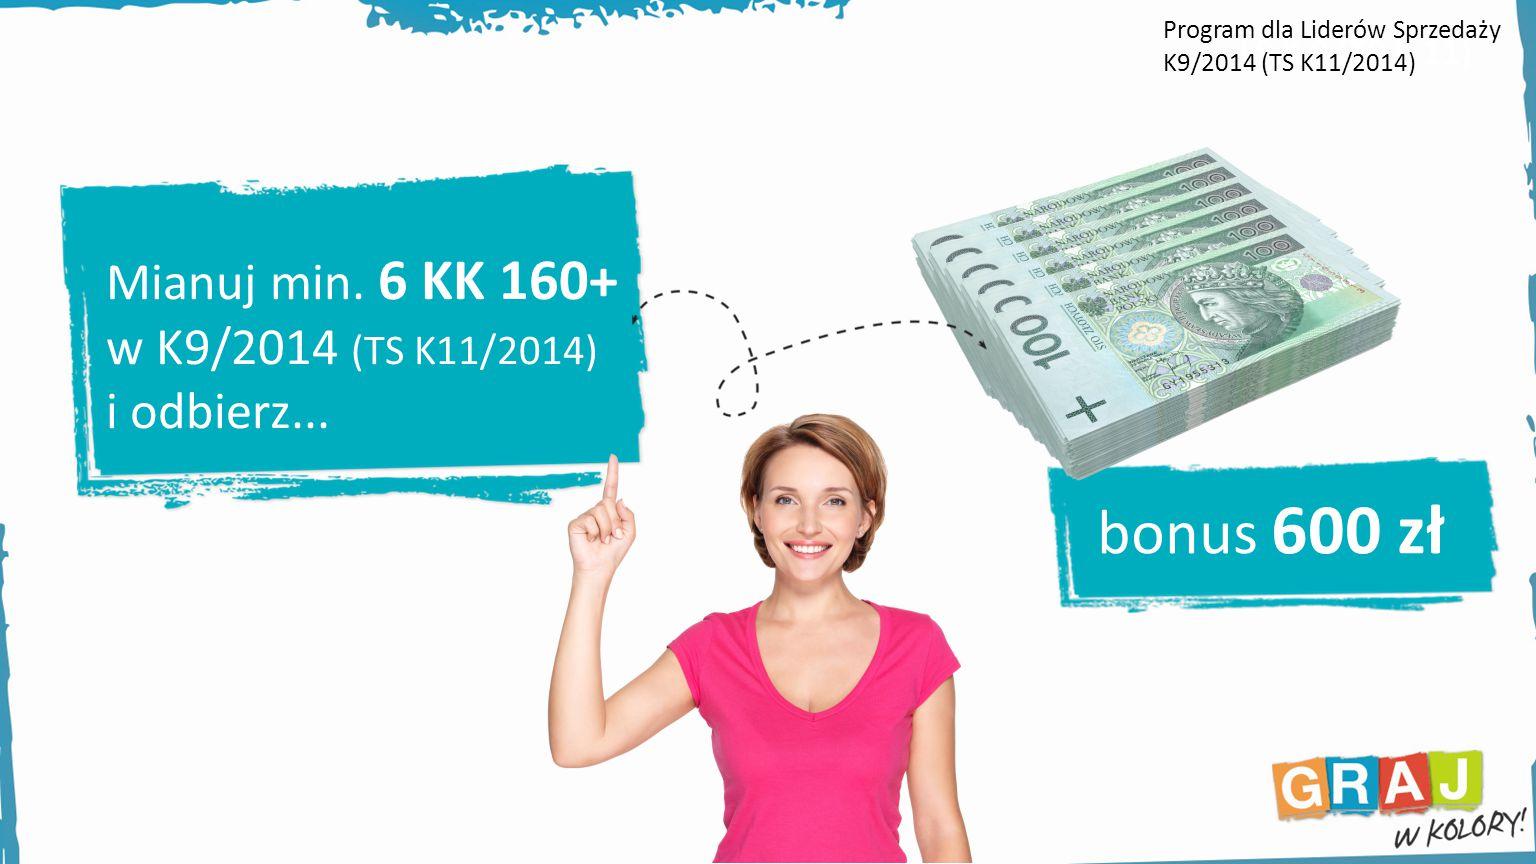 Mianuj min. 6 KK 160+ w K9/2014 (TS K11/2014) i odbierz... bonus 600 zł LS K 9 (TS K 11) Program dla Liderów Sprzedaży K9/2014 (TS K11/2014)